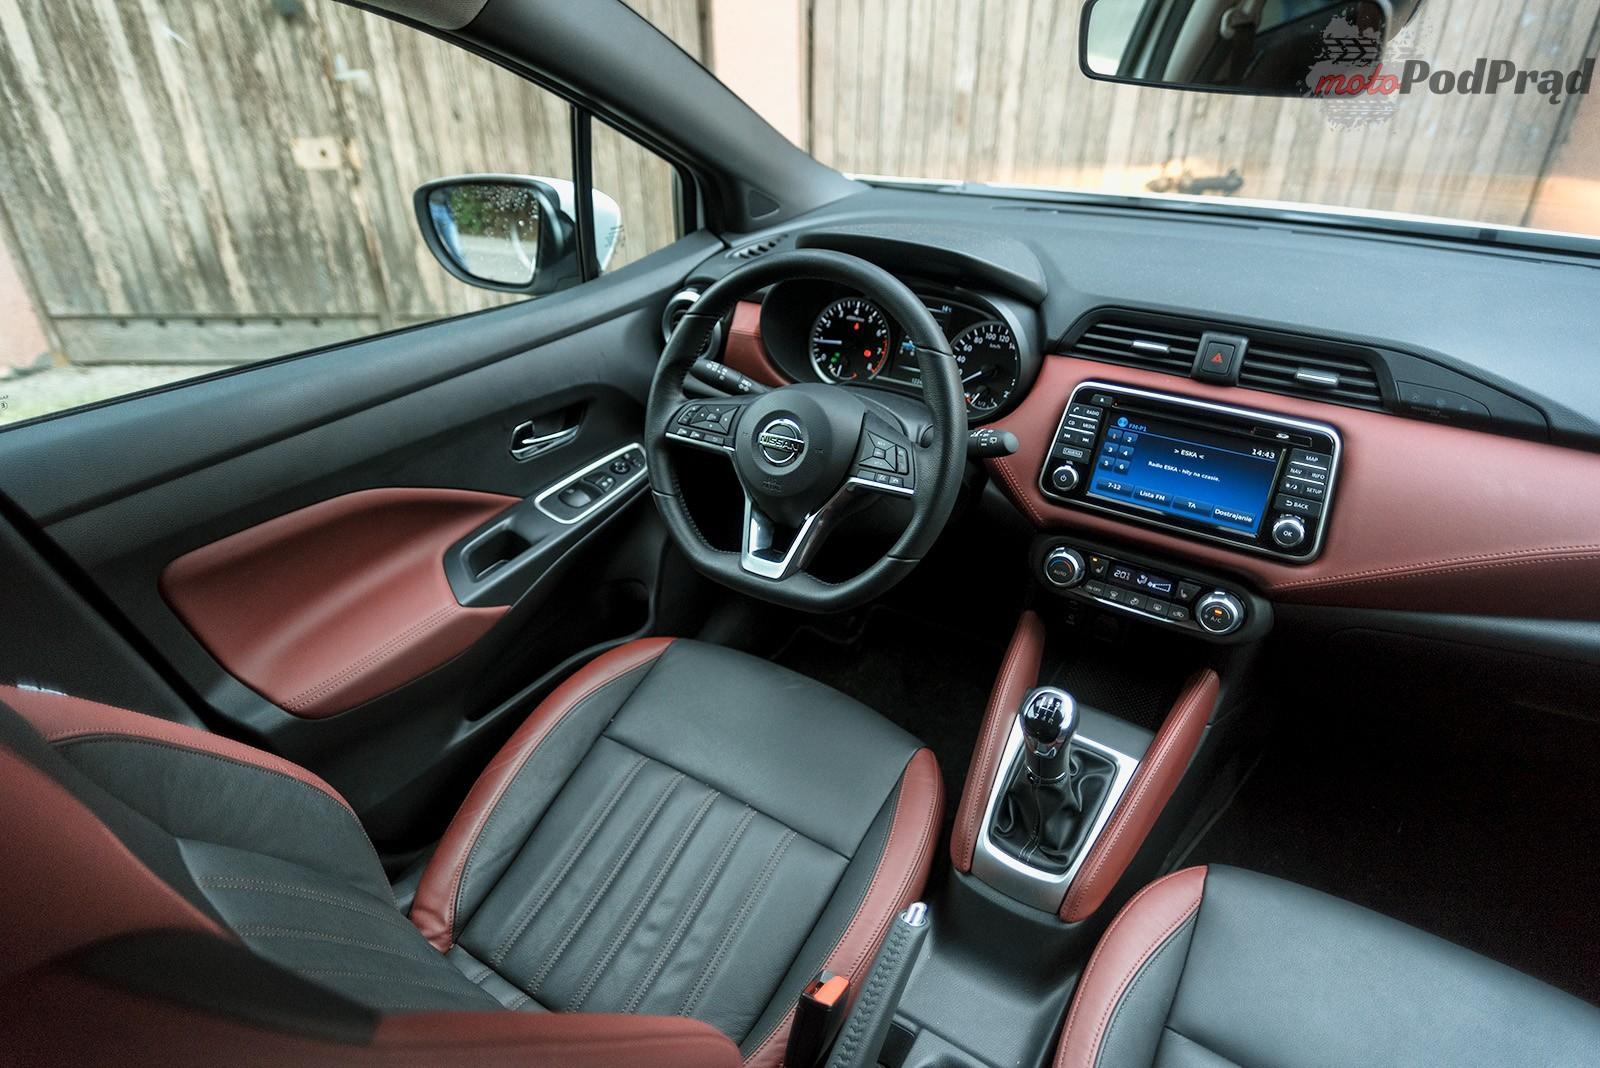 Nissan Micra 18 Test: Nissan Micra 0.9 90 KM   mały owad